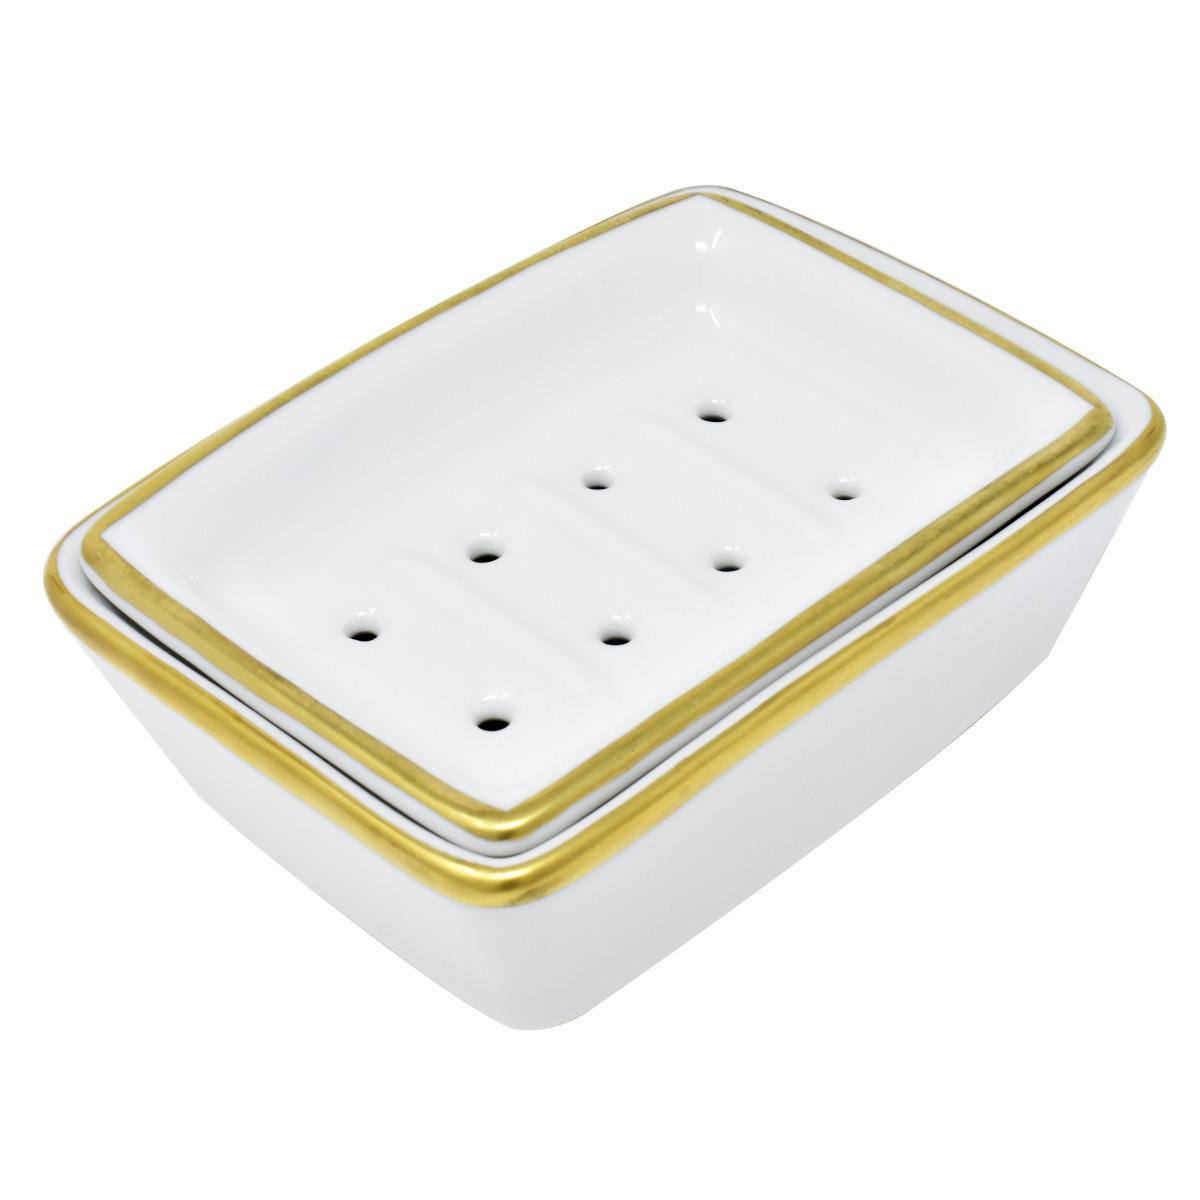 Lindner Handmade Gold Plated Porcelain Soap Dish